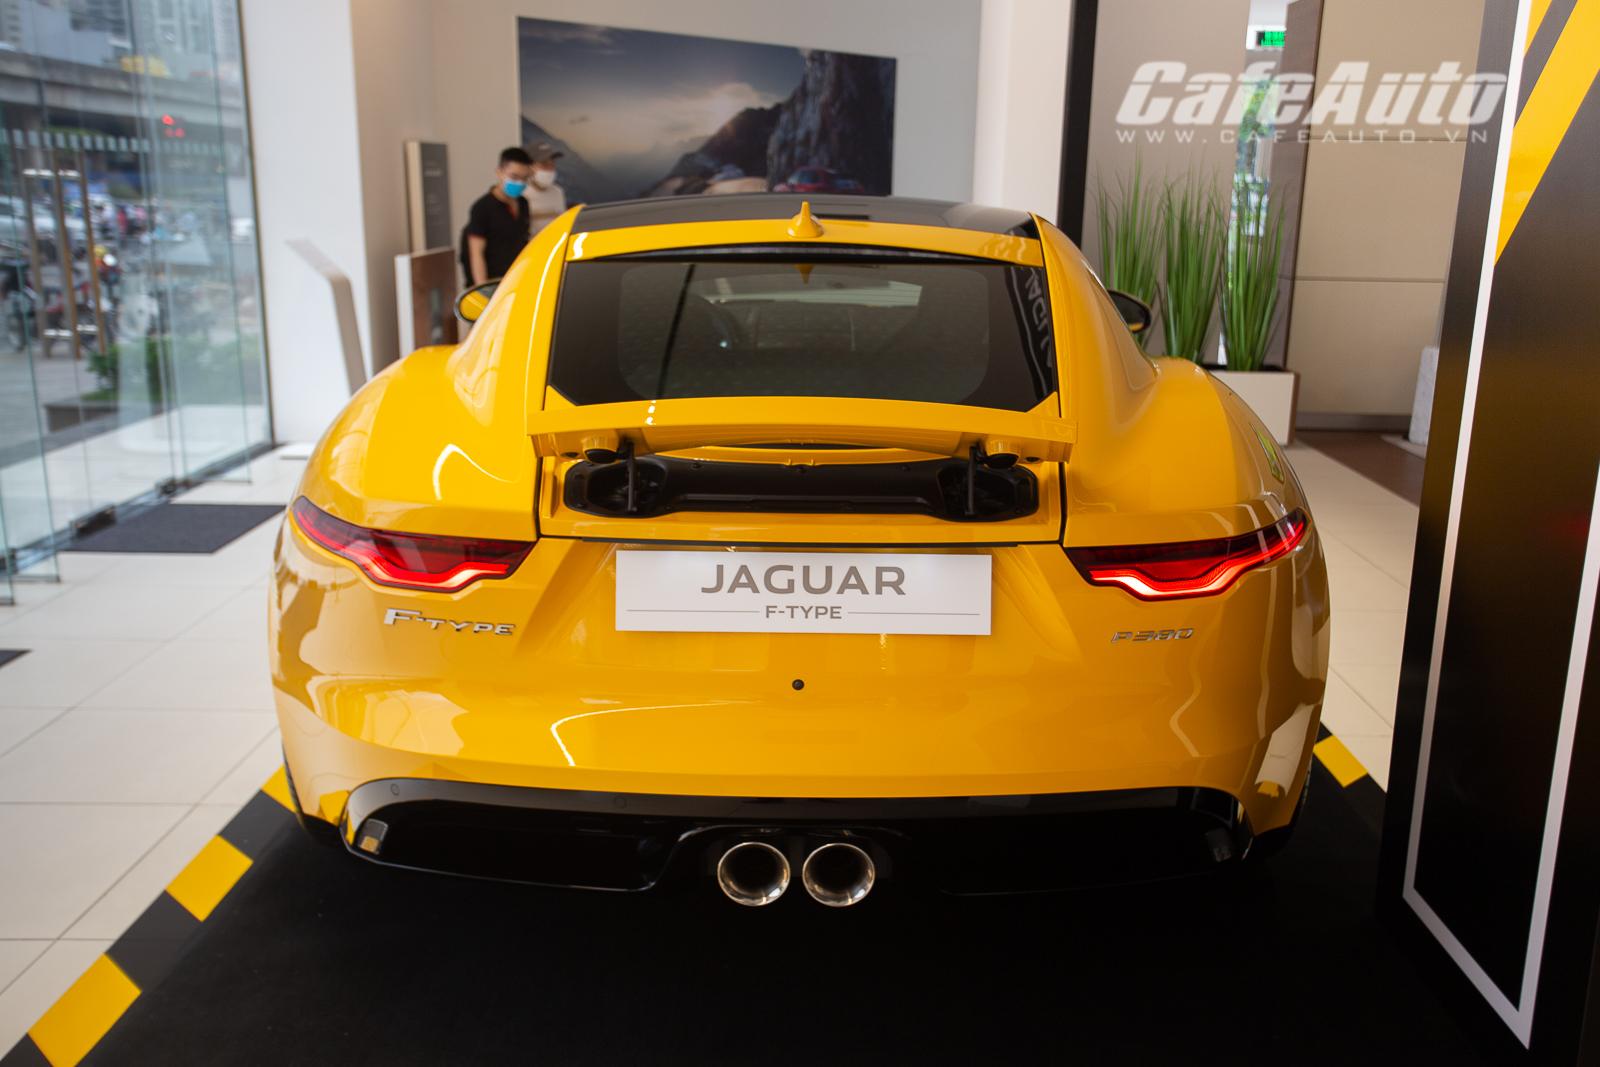 jaguarftype2021-cafeautovn-10